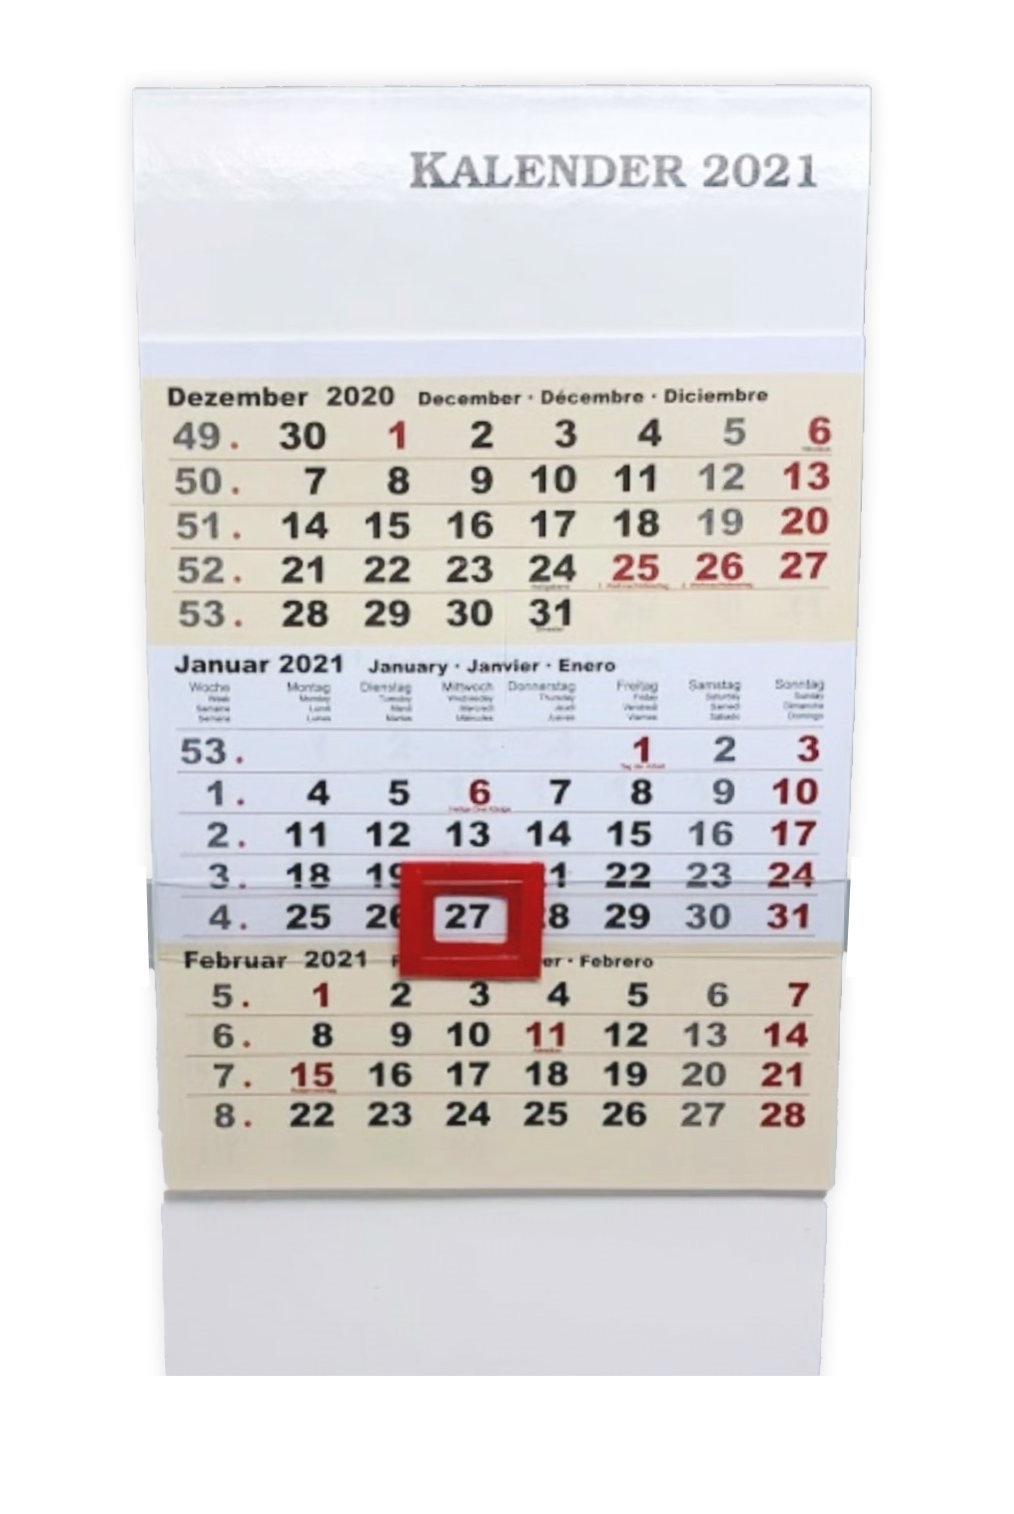 Kalender 2021 Standkalender Tischkalender 3 Monatsansicht 3-Monatskalender  18,5 X 9,5 X 7 Cm | Ceres Webshop